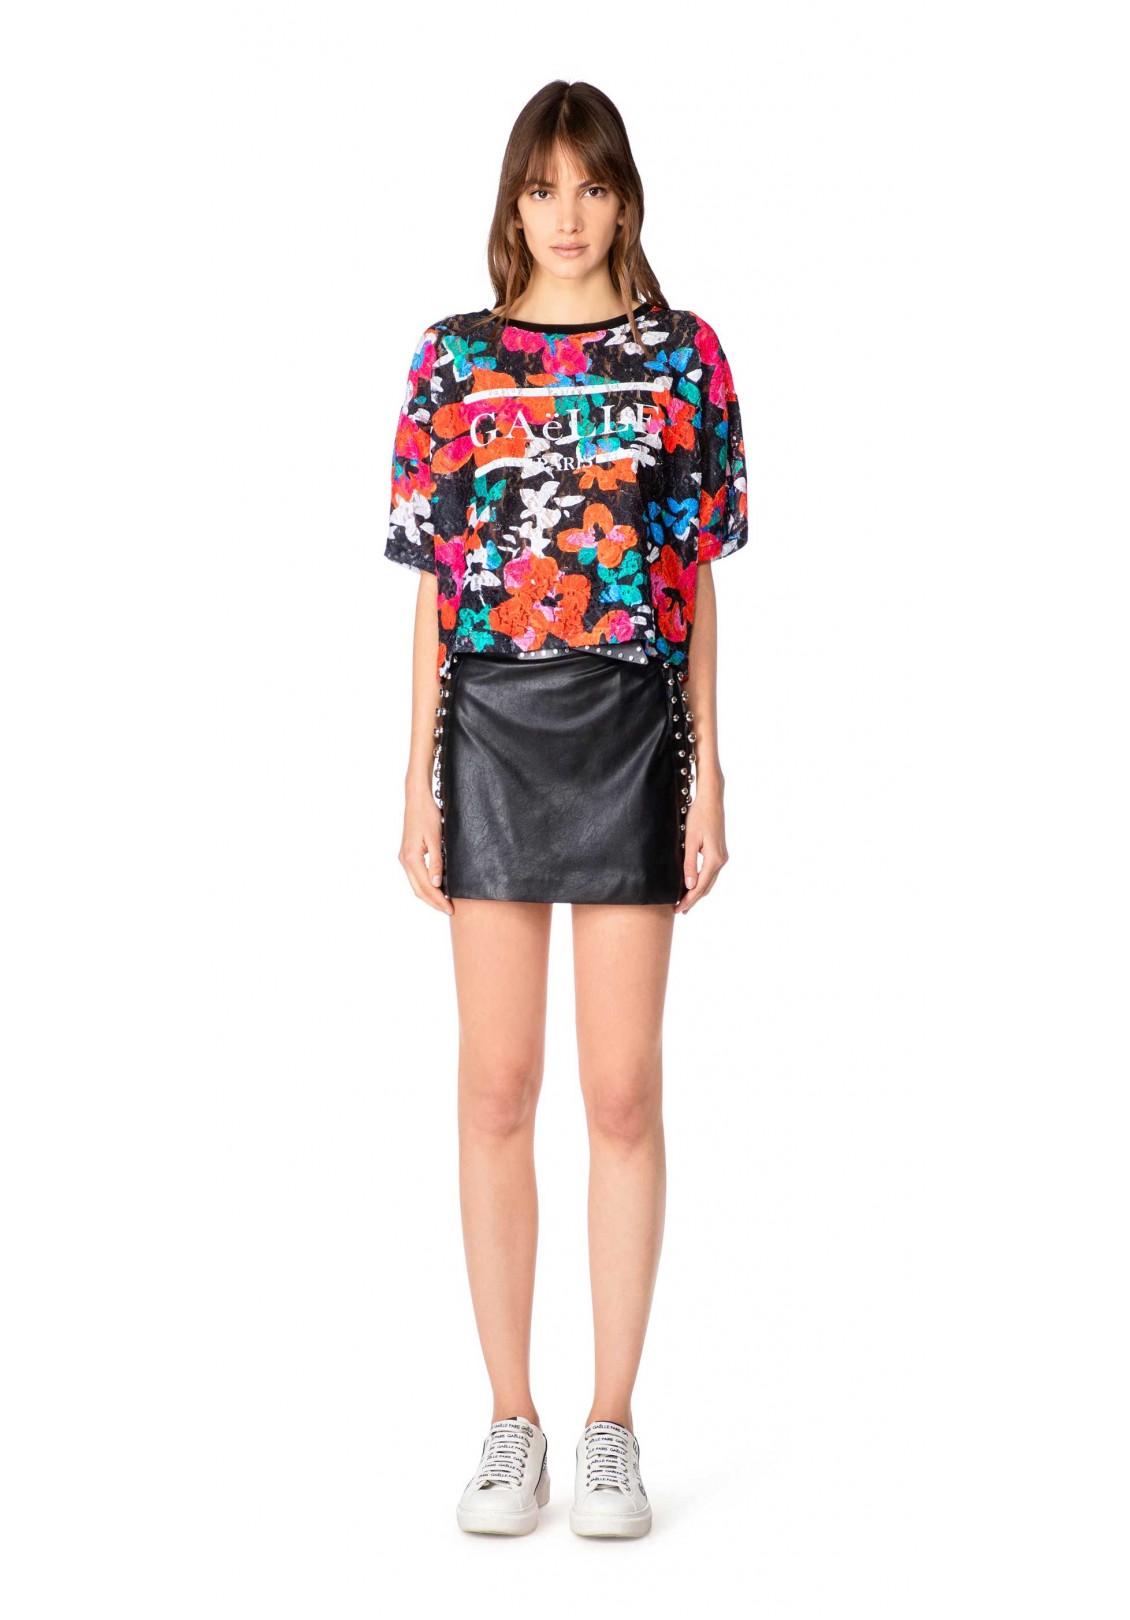 Gaelle T-shirt Donna Nero Gaelle | GBD8423NERO